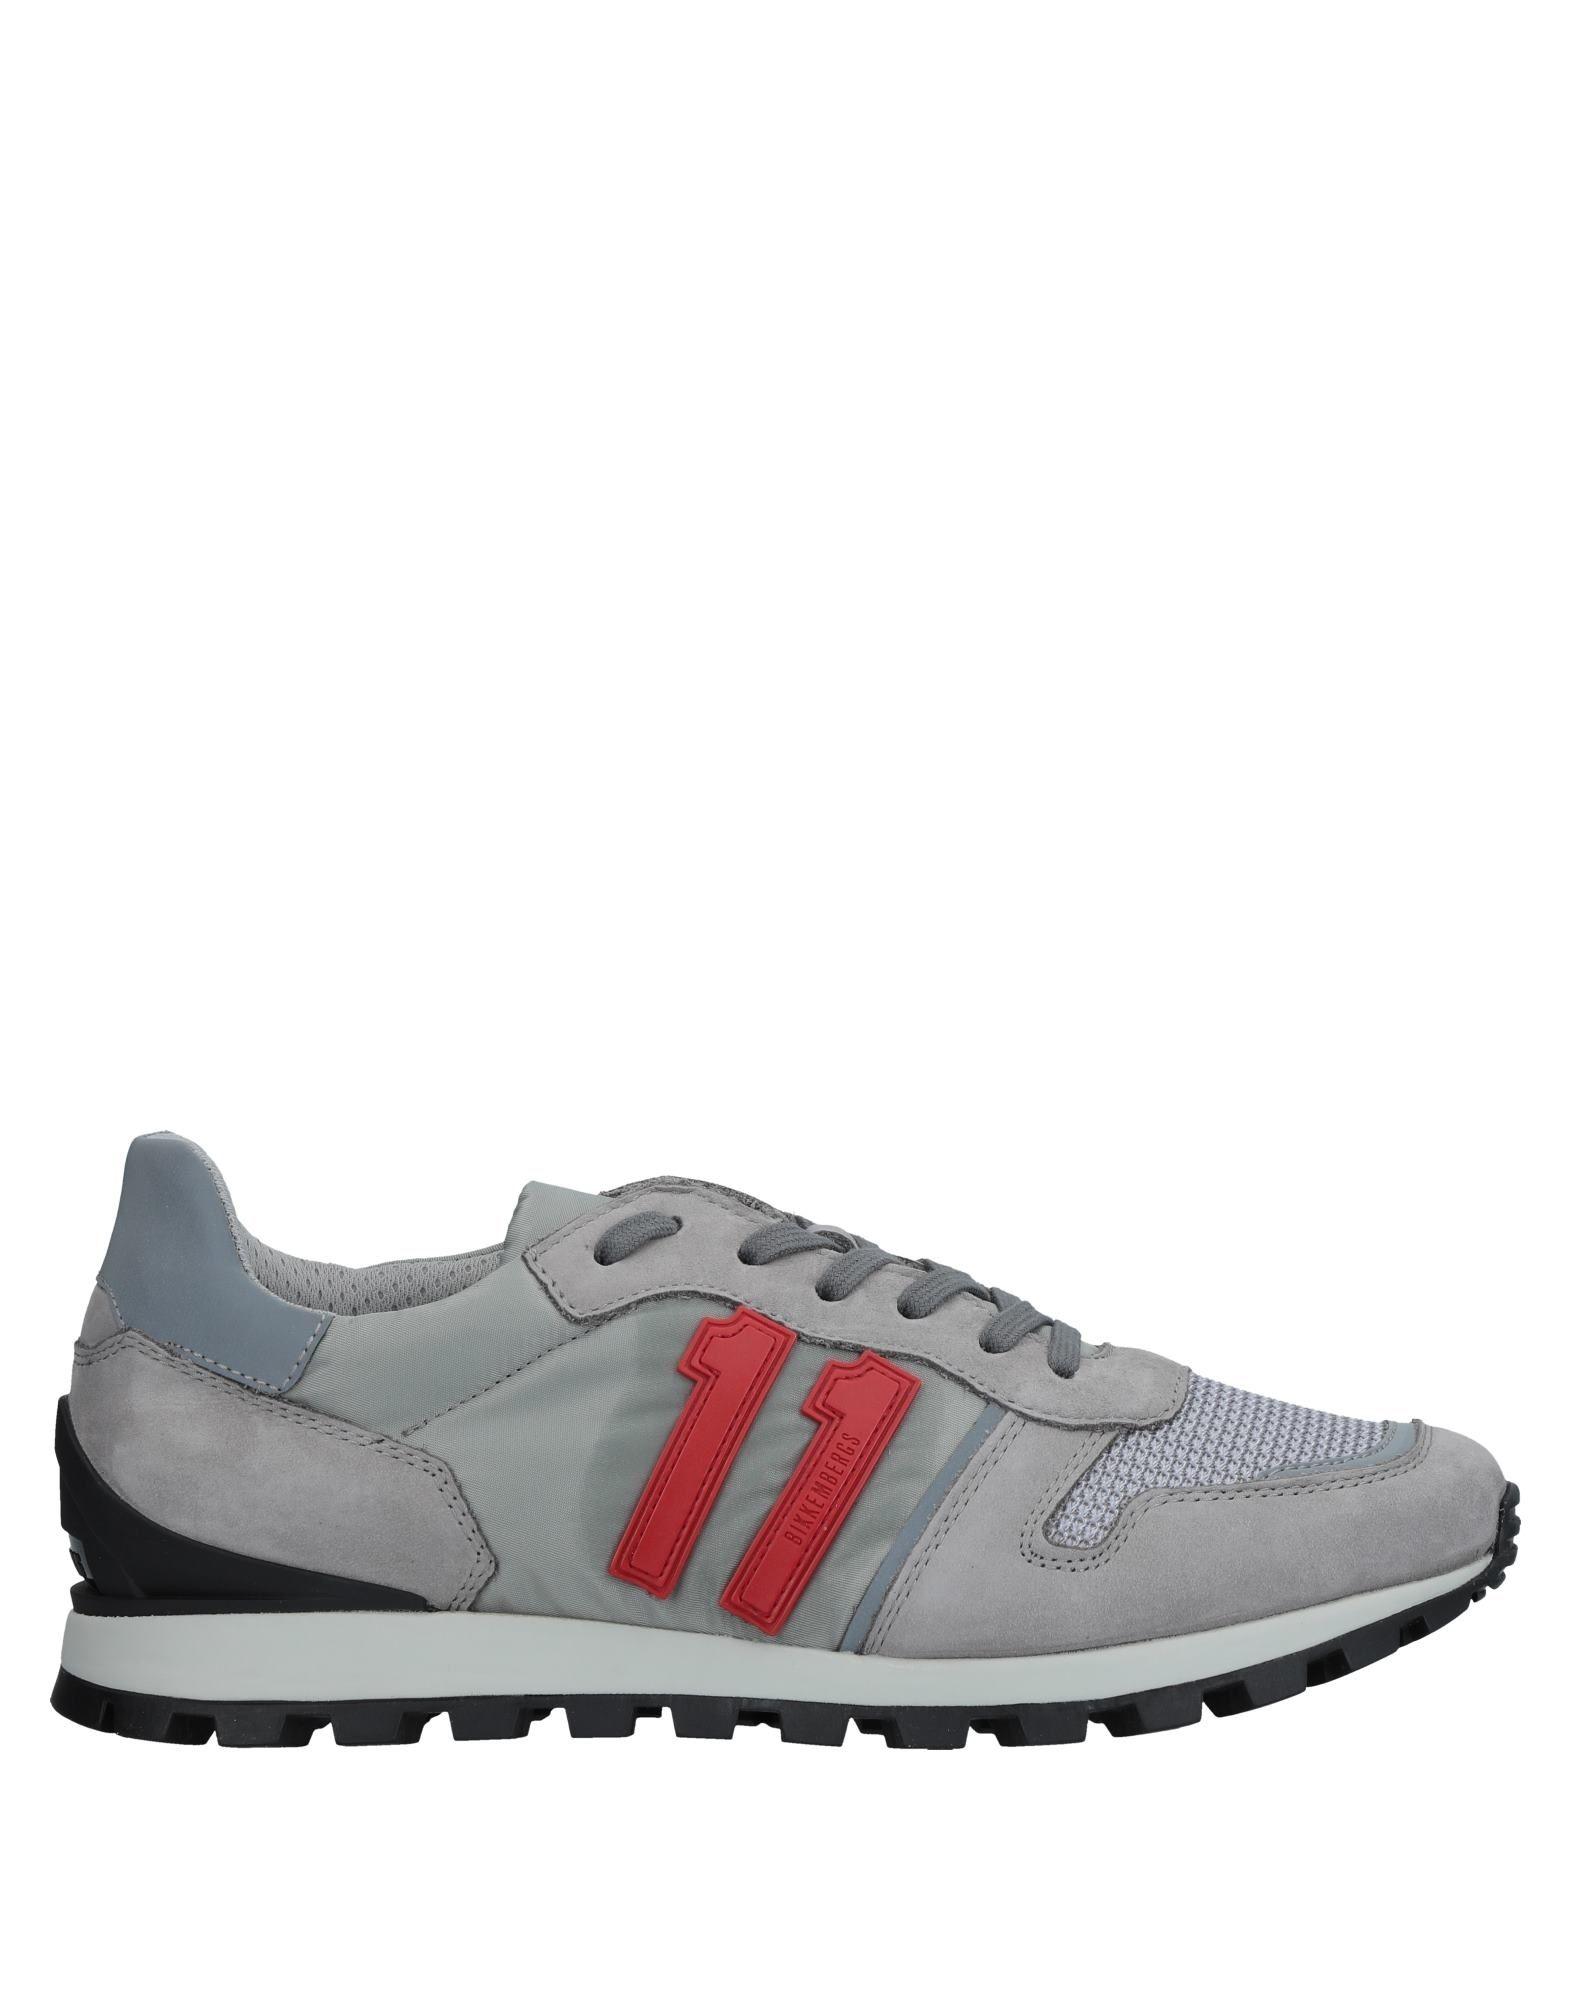 Bikkembergs Sneakers Herren  11520873OP Gute Qualität beliebte Schuhe